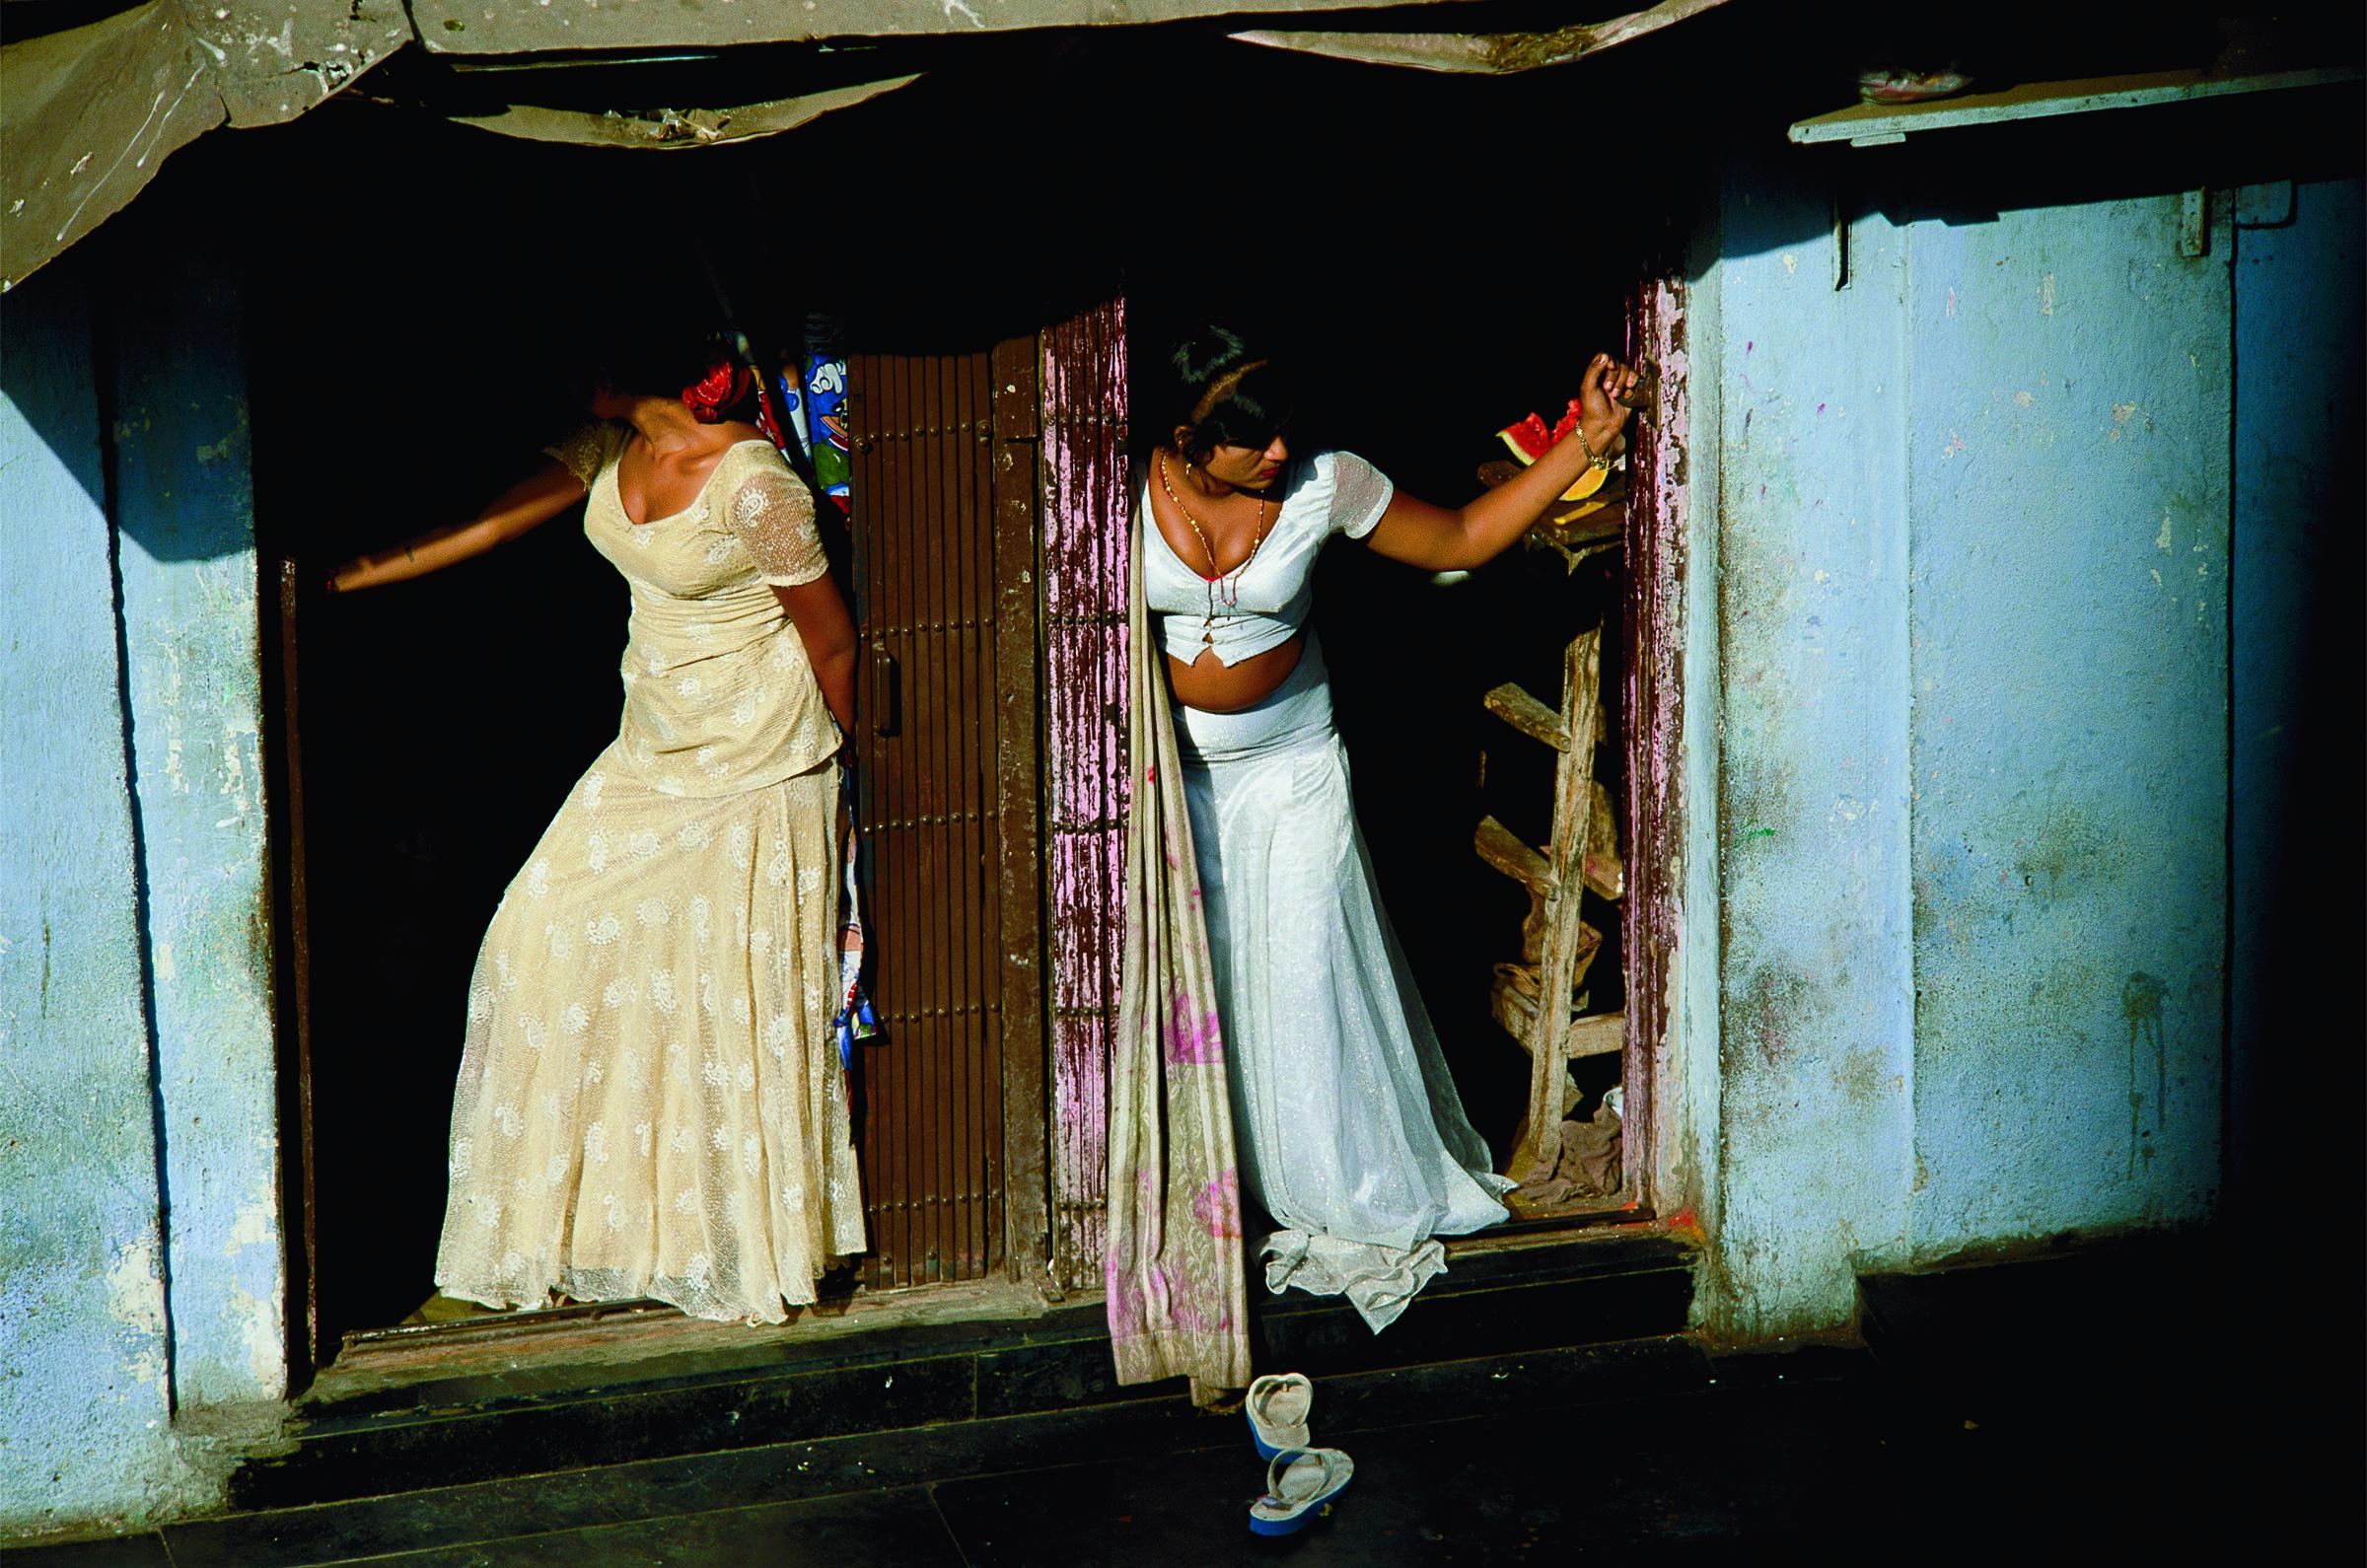 """Prostitutas, são conhecidas como meninas engaioladas são, muitas vezes, escravas sexuais, exibem-se em uma rua de Mumbai. Foto de Jodi Cobb, cortesia da National Geographic """"Mulheres de Visão""""."""